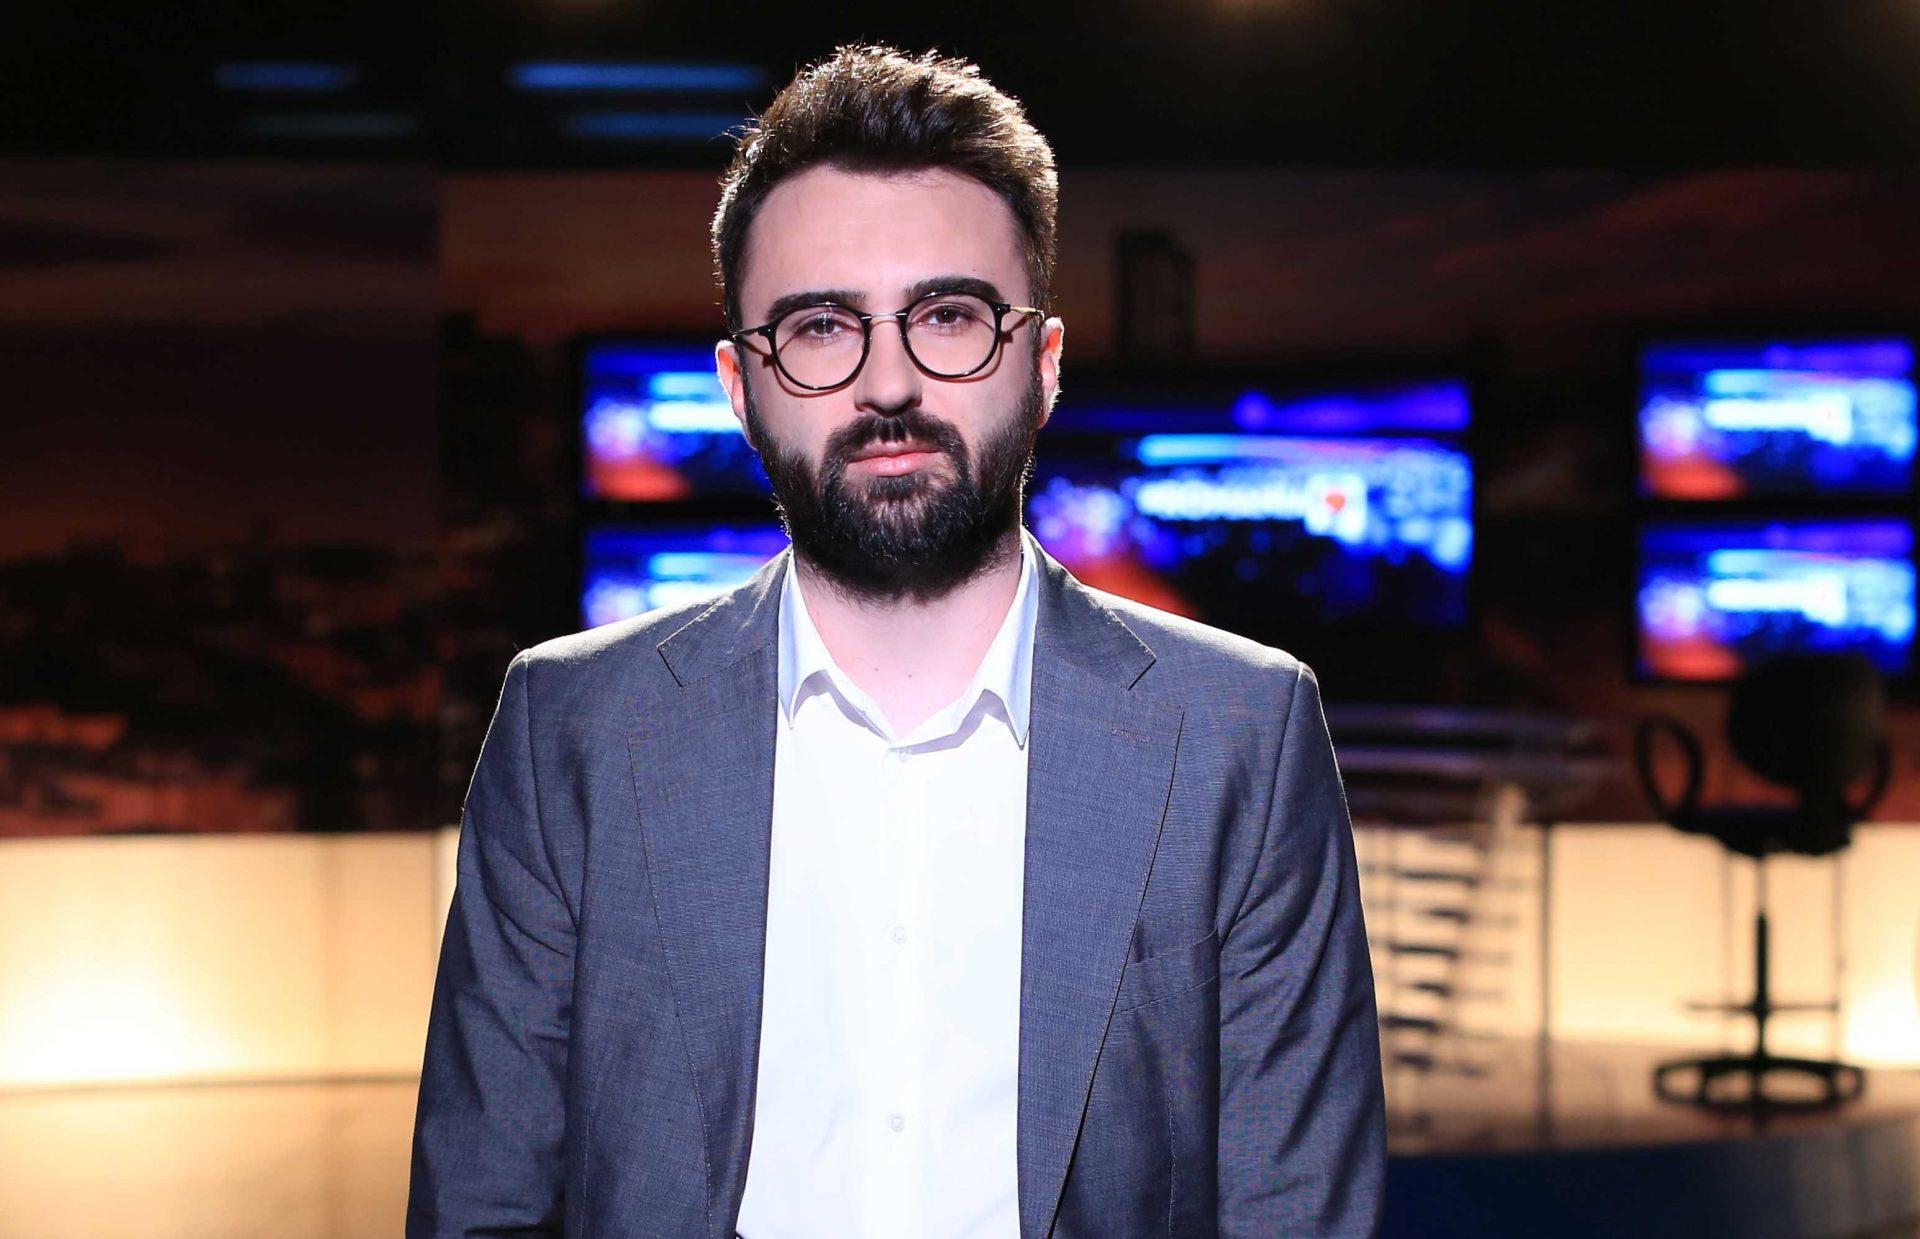 Neînțelegerile privind prime time-ul TVR se mută în instanță. Ionuț Cristache vrea ca emisiunea sa să revină la ora 21